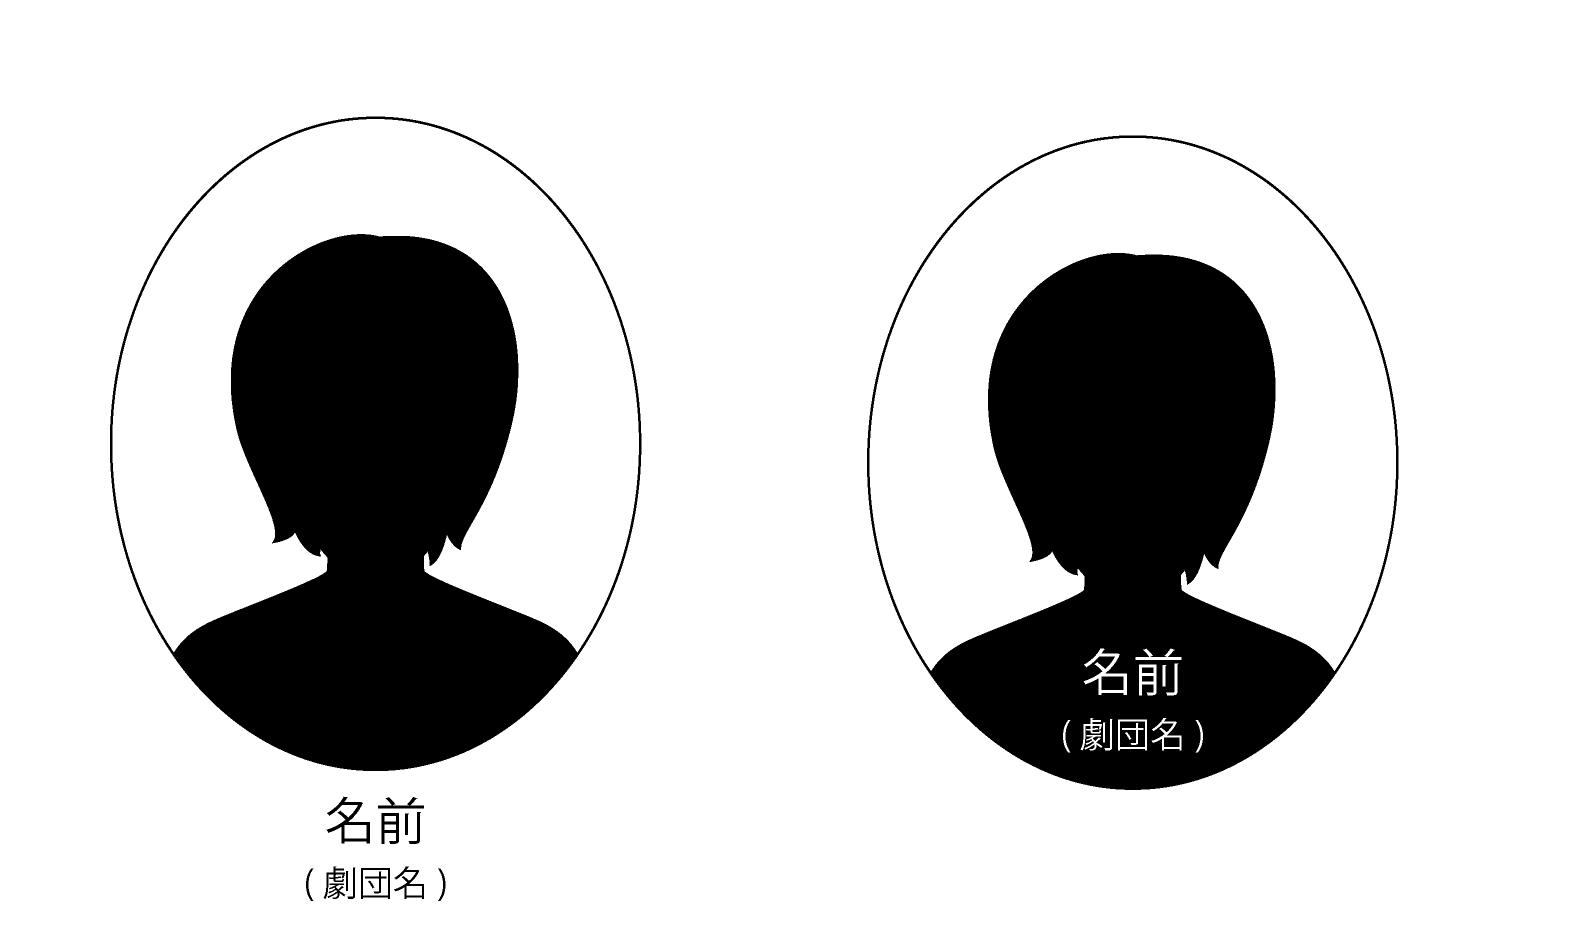 演劇のチラシの出演者紹介のデザイン 楕円形